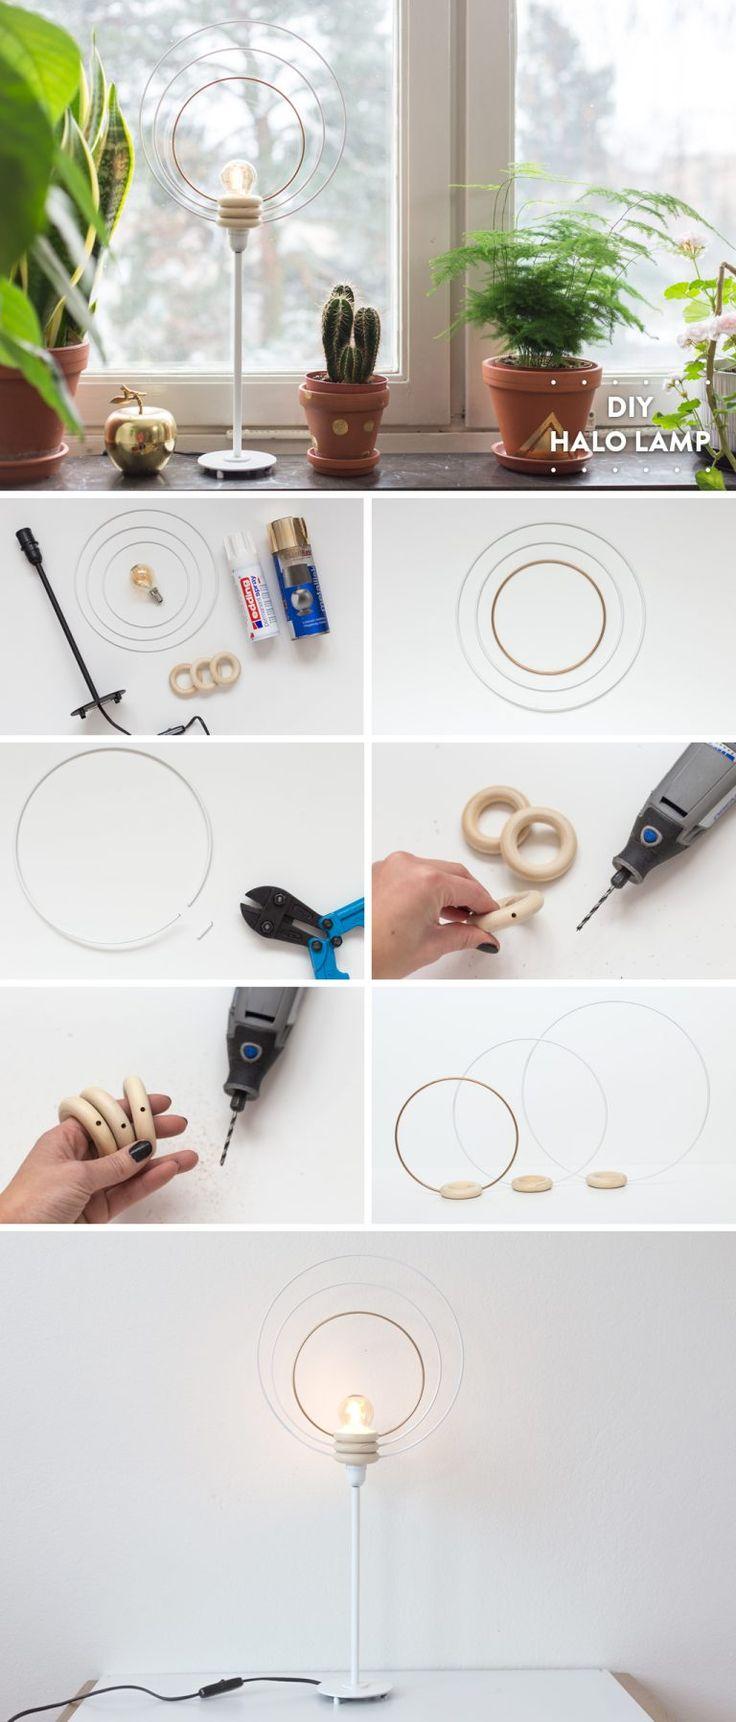 DIY Halo Lamp   by Anna María